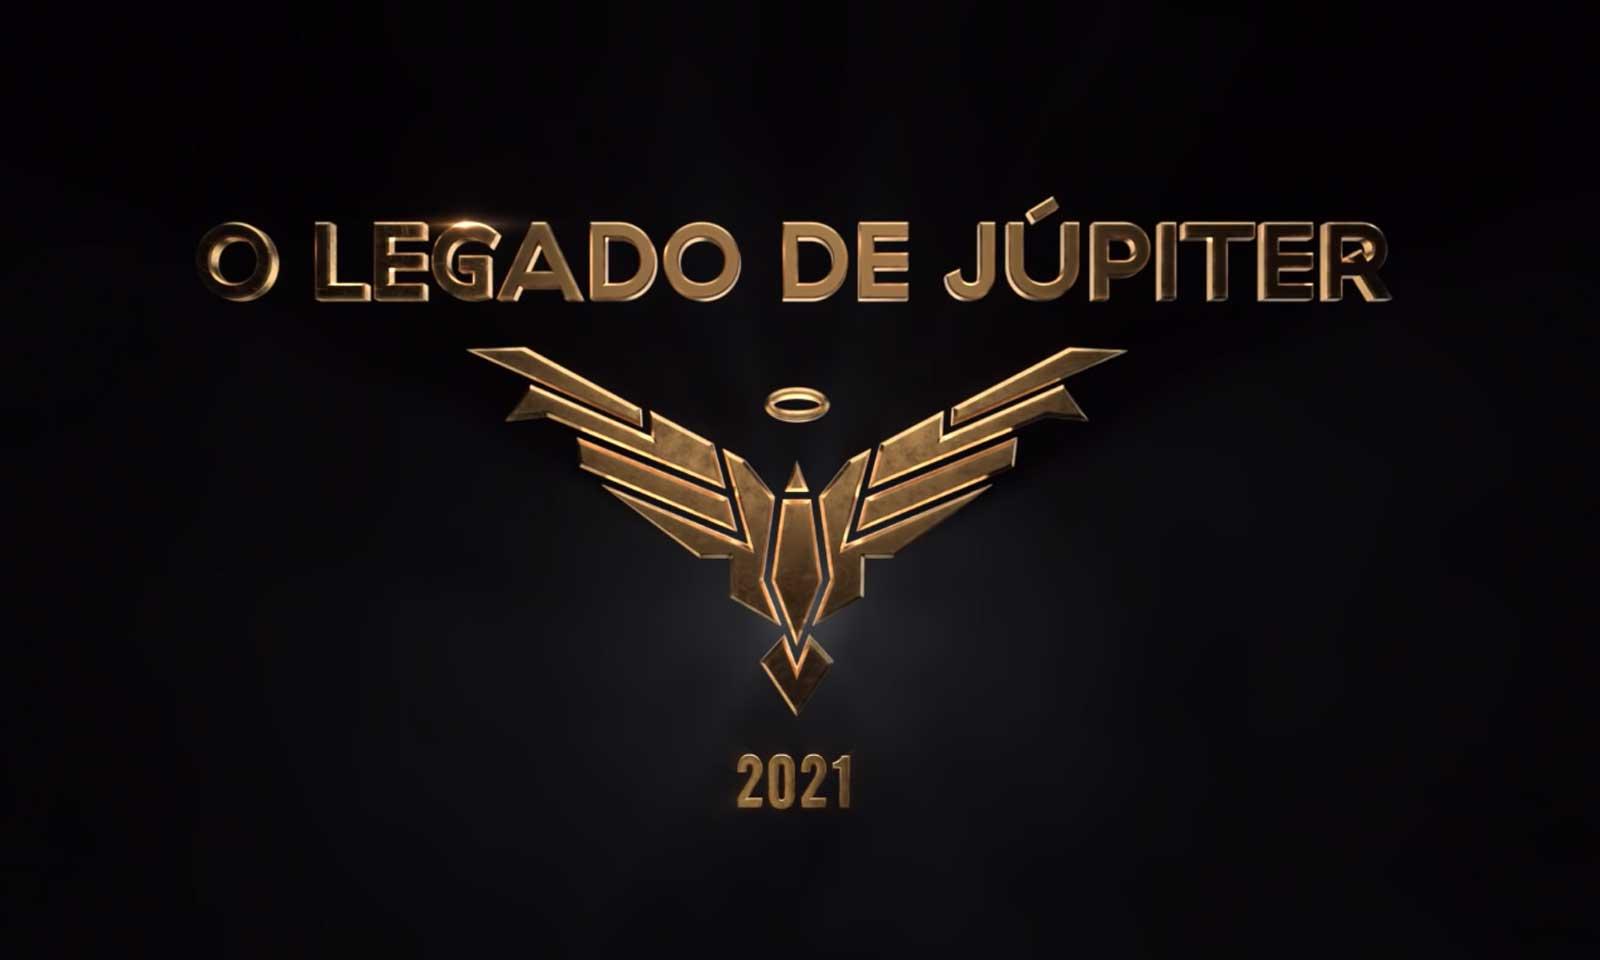 O-Legado-de-Jupiter